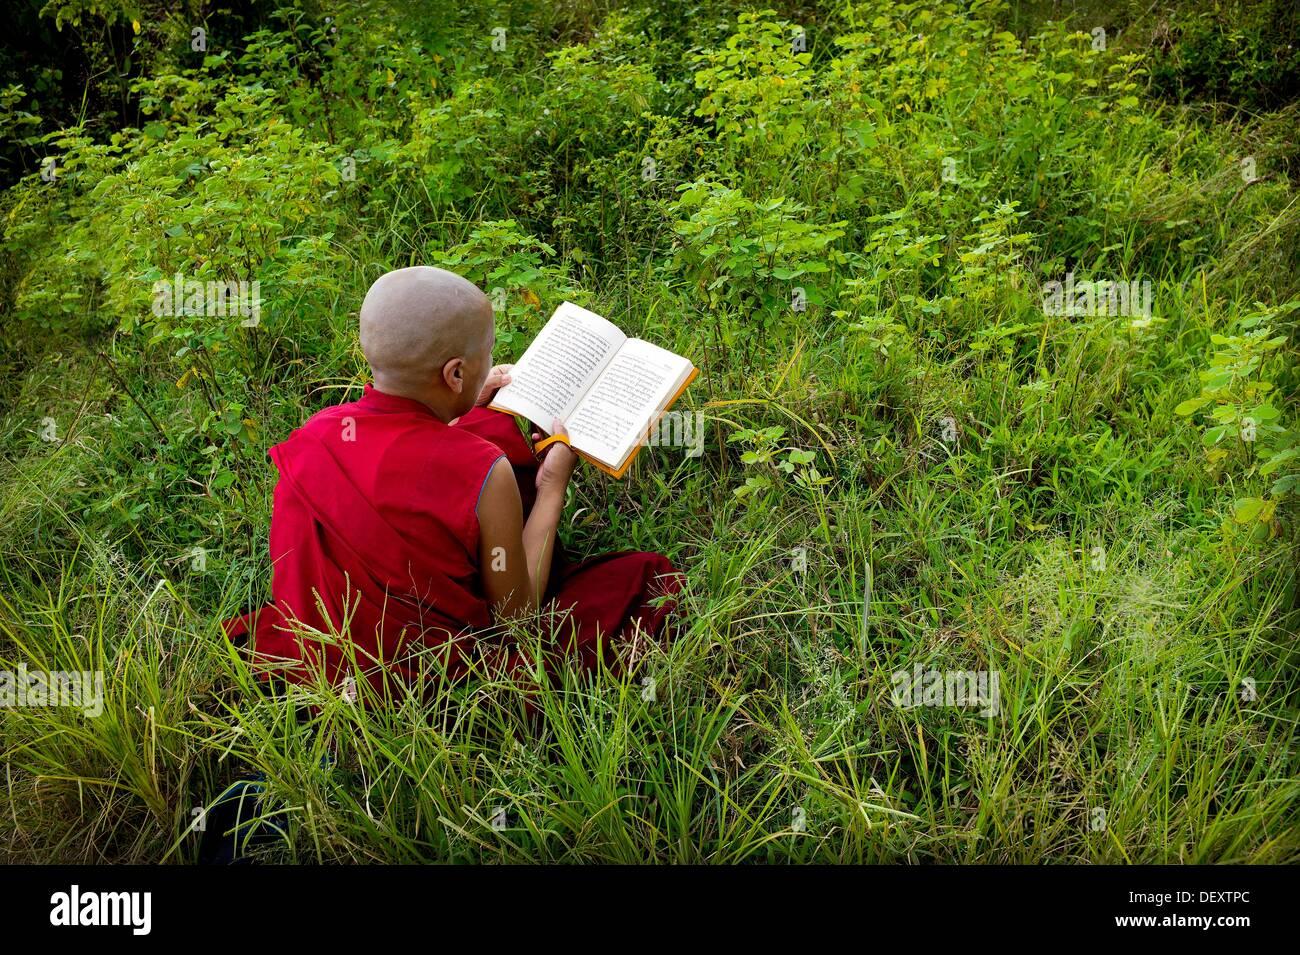 Monja, monasterio budista tibetano, mungod, Karnataka, India, Asia, campamento de refugiados tibetanos, comunidad religiosa, Foto de stock